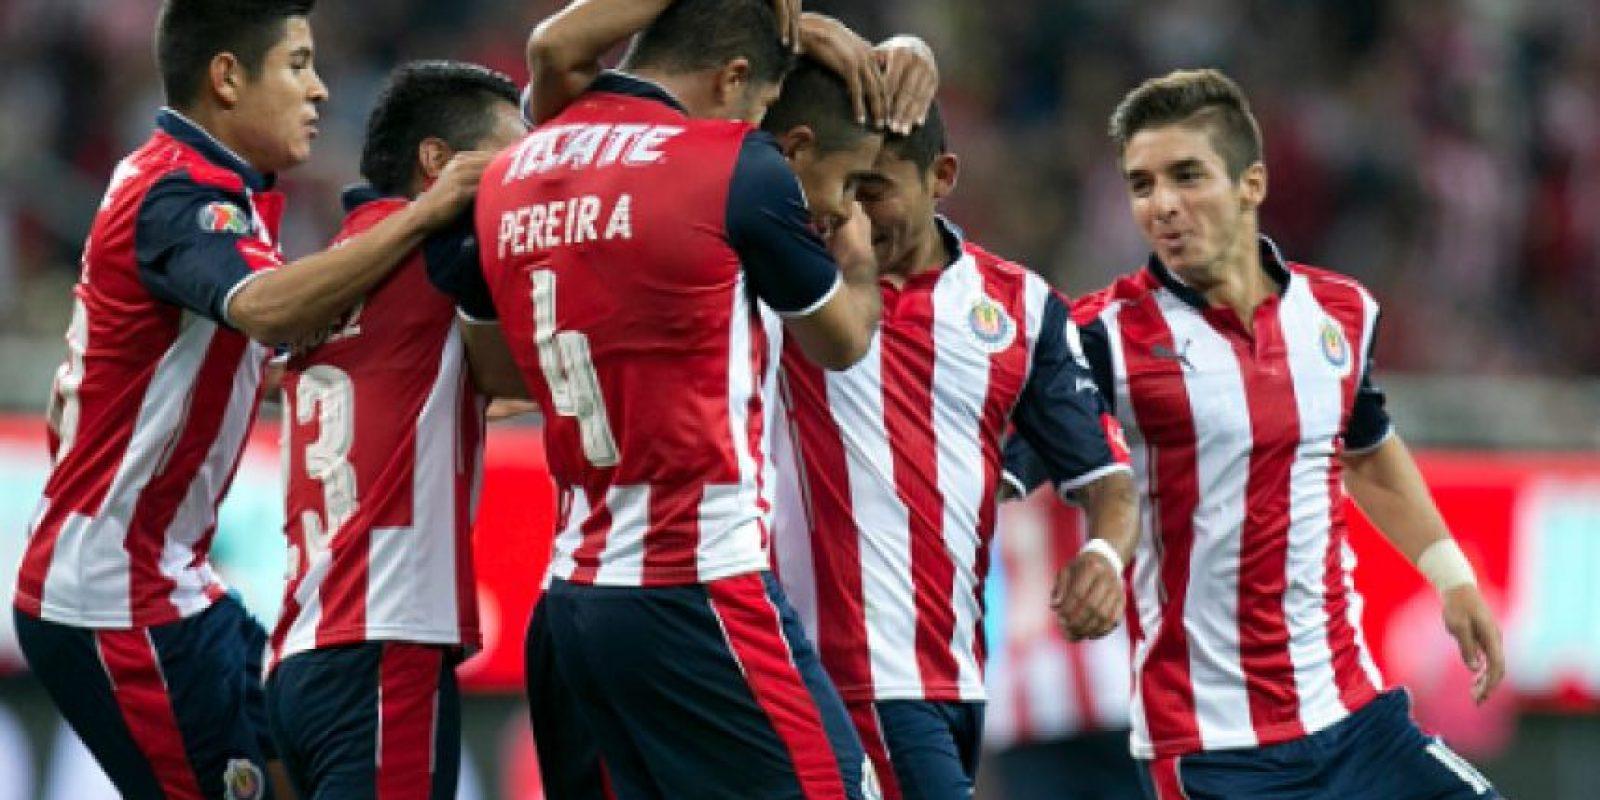 Aficionados de Chivas insultan a americanista en el juego ante Monterrey Foto:Getty Images